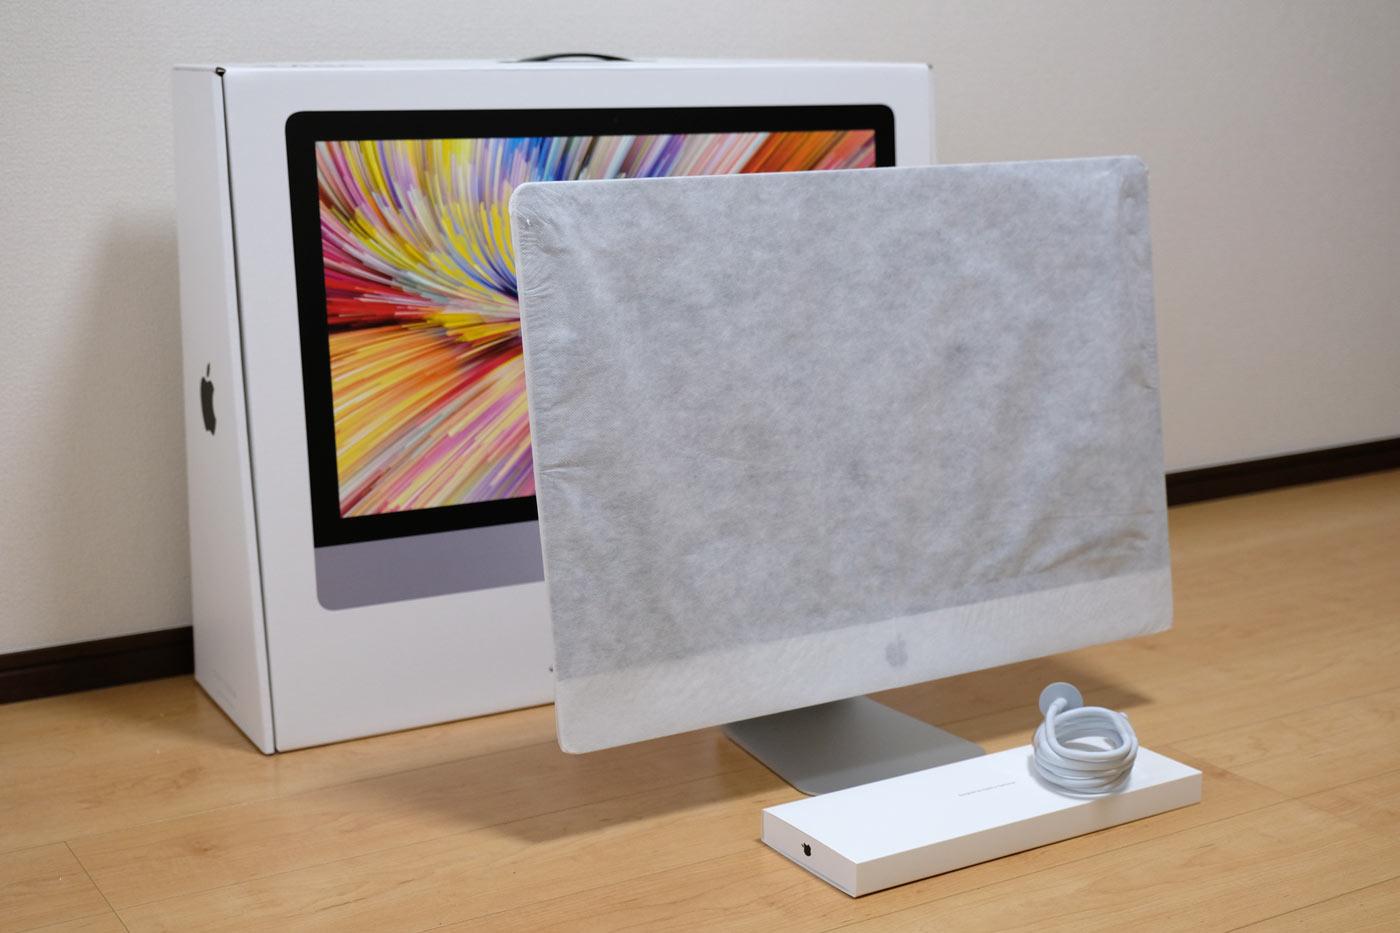 27インチiMac 5K 開封4